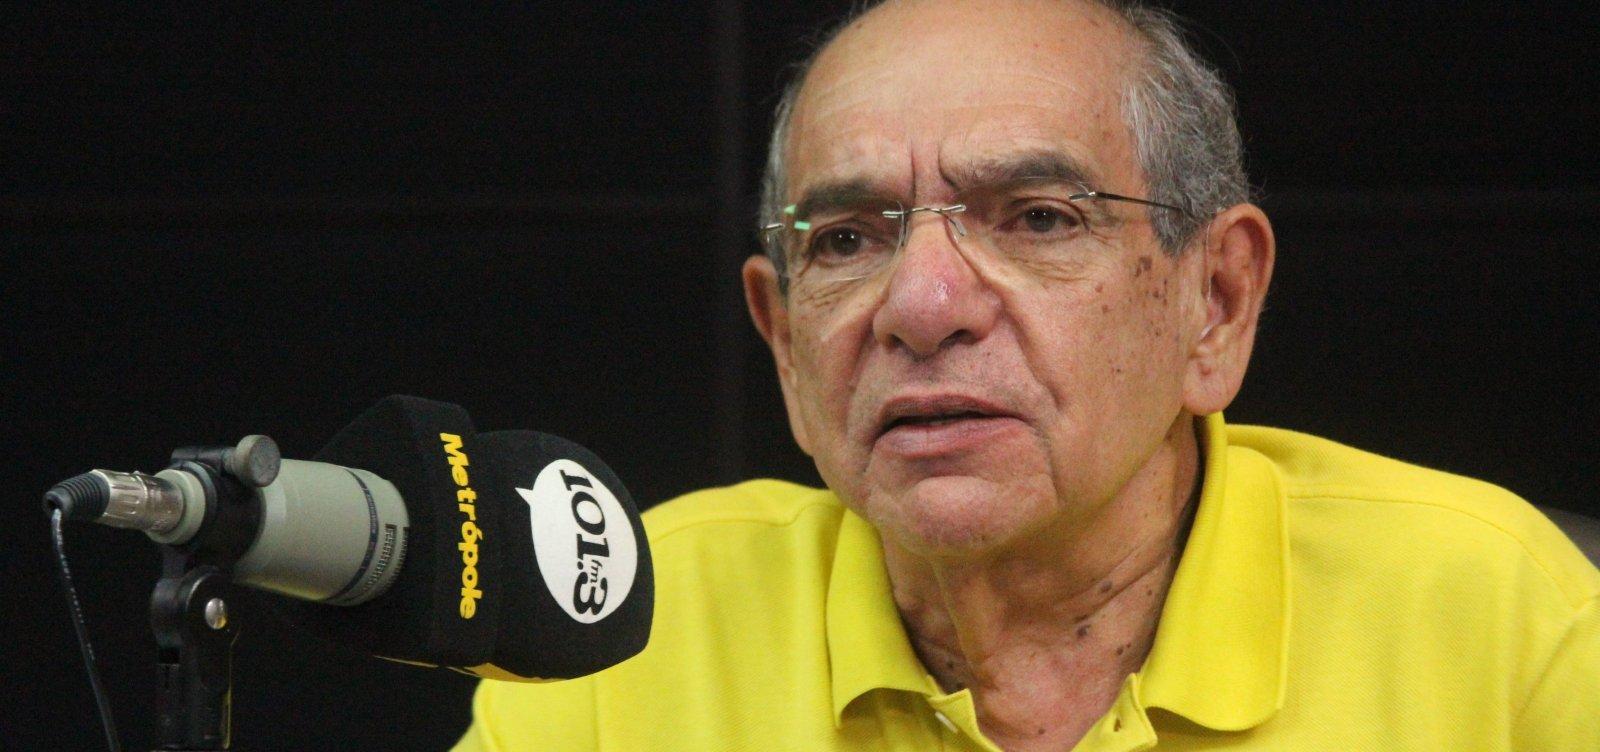 [MK lamenta 'aumento expressivo' da Covid no Brasil; ouça]